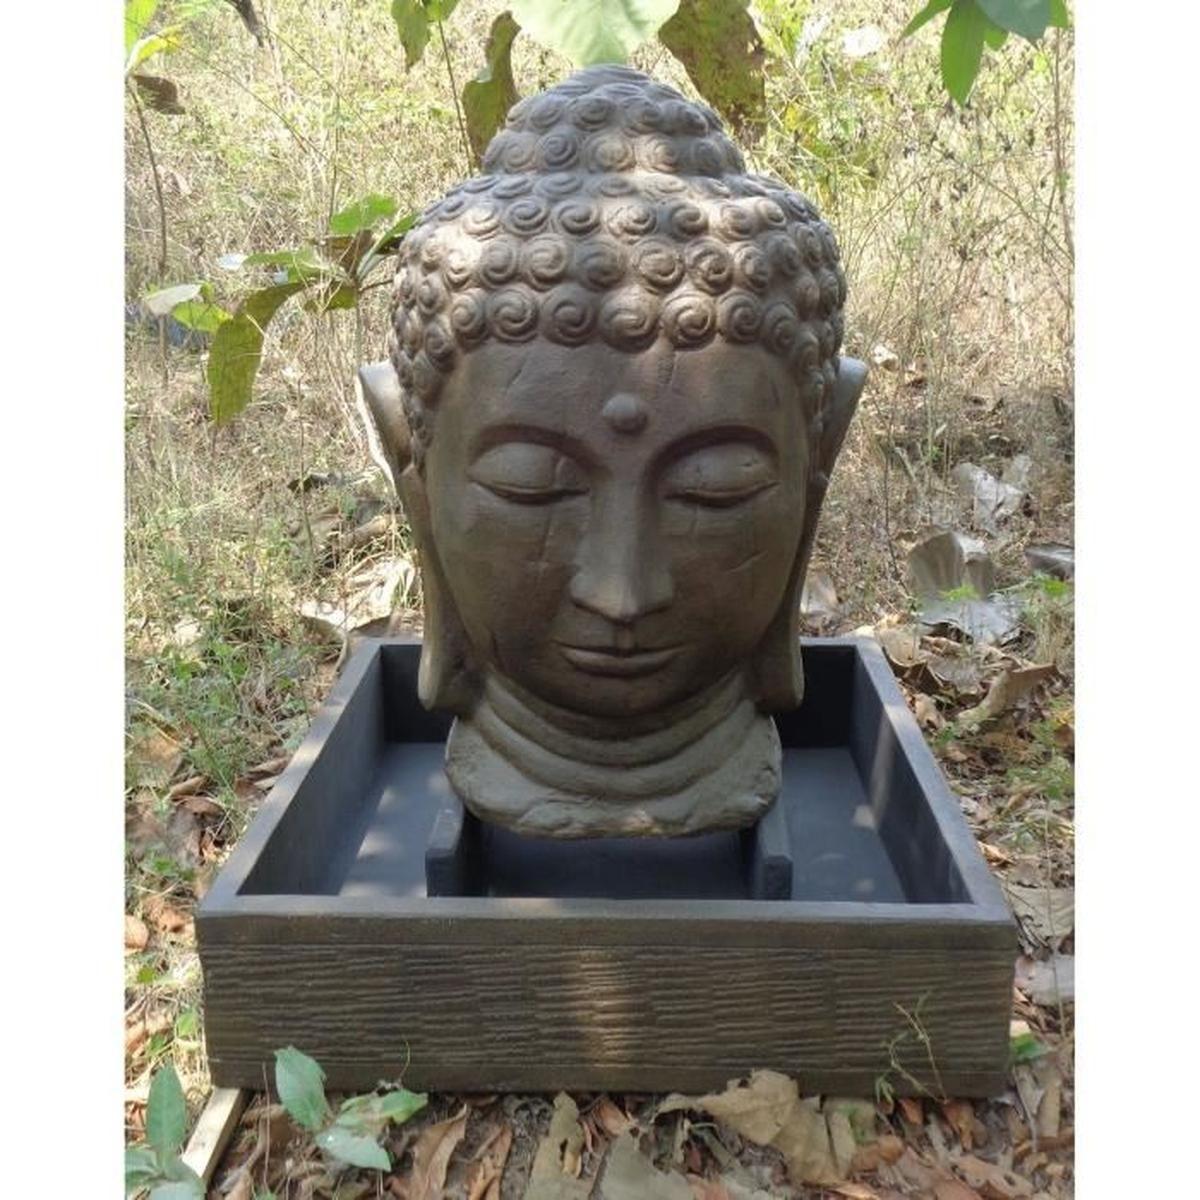 Fontaine De Jardin Tête De Bouddha 1 M 30 Brun - Achat ... pour Fontaine De Jardin Bouddha